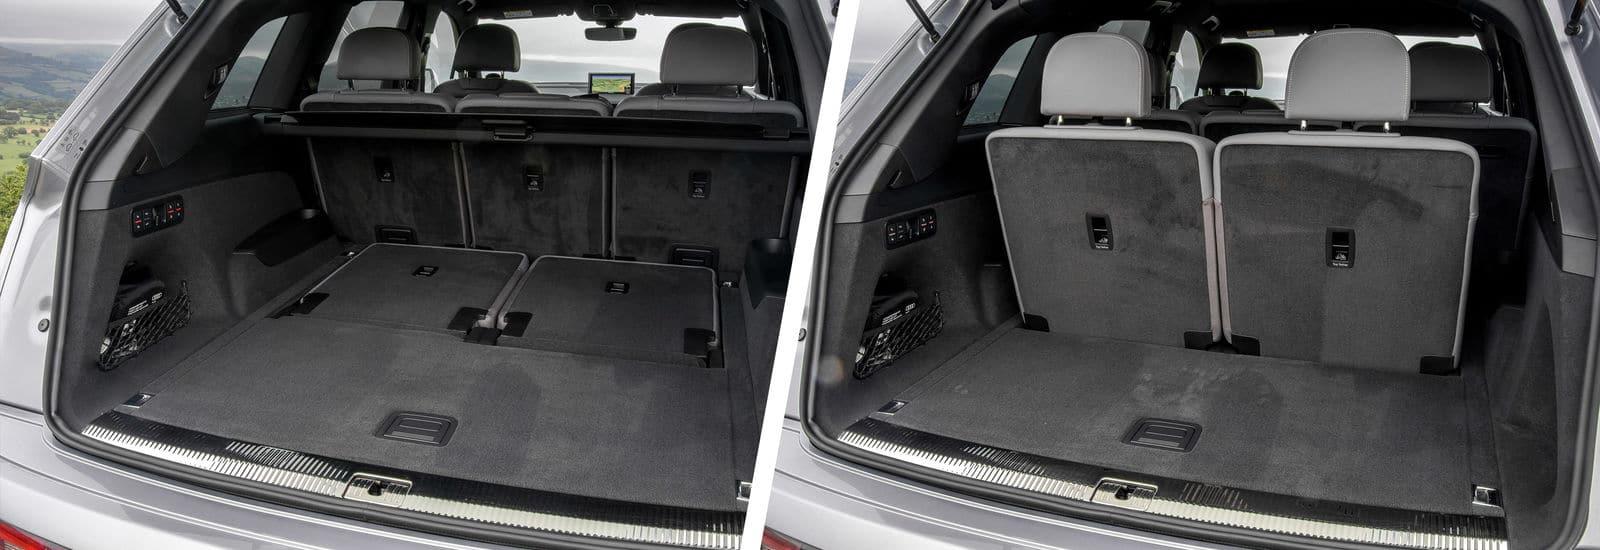 suv audi 7 places q7 le roi du bitume et de la consommation toutes les marques de voiture 7. Black Bedroom Furniture Sets. Home Design Ideas